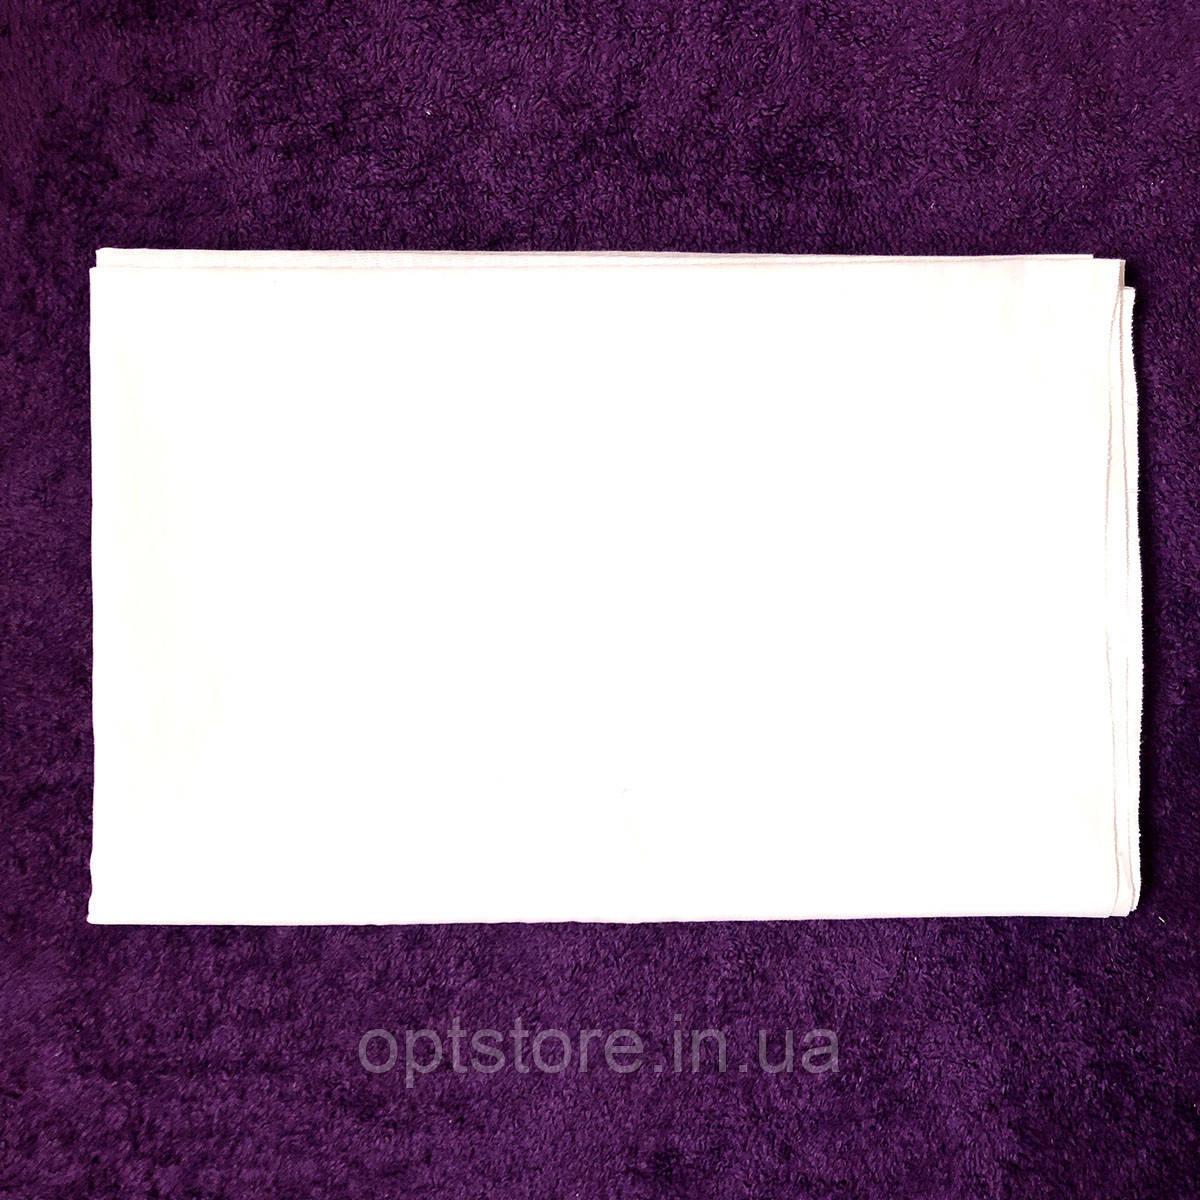 """Простынь белая 150*200 см,""""шелк""""синтетическая ткань"""